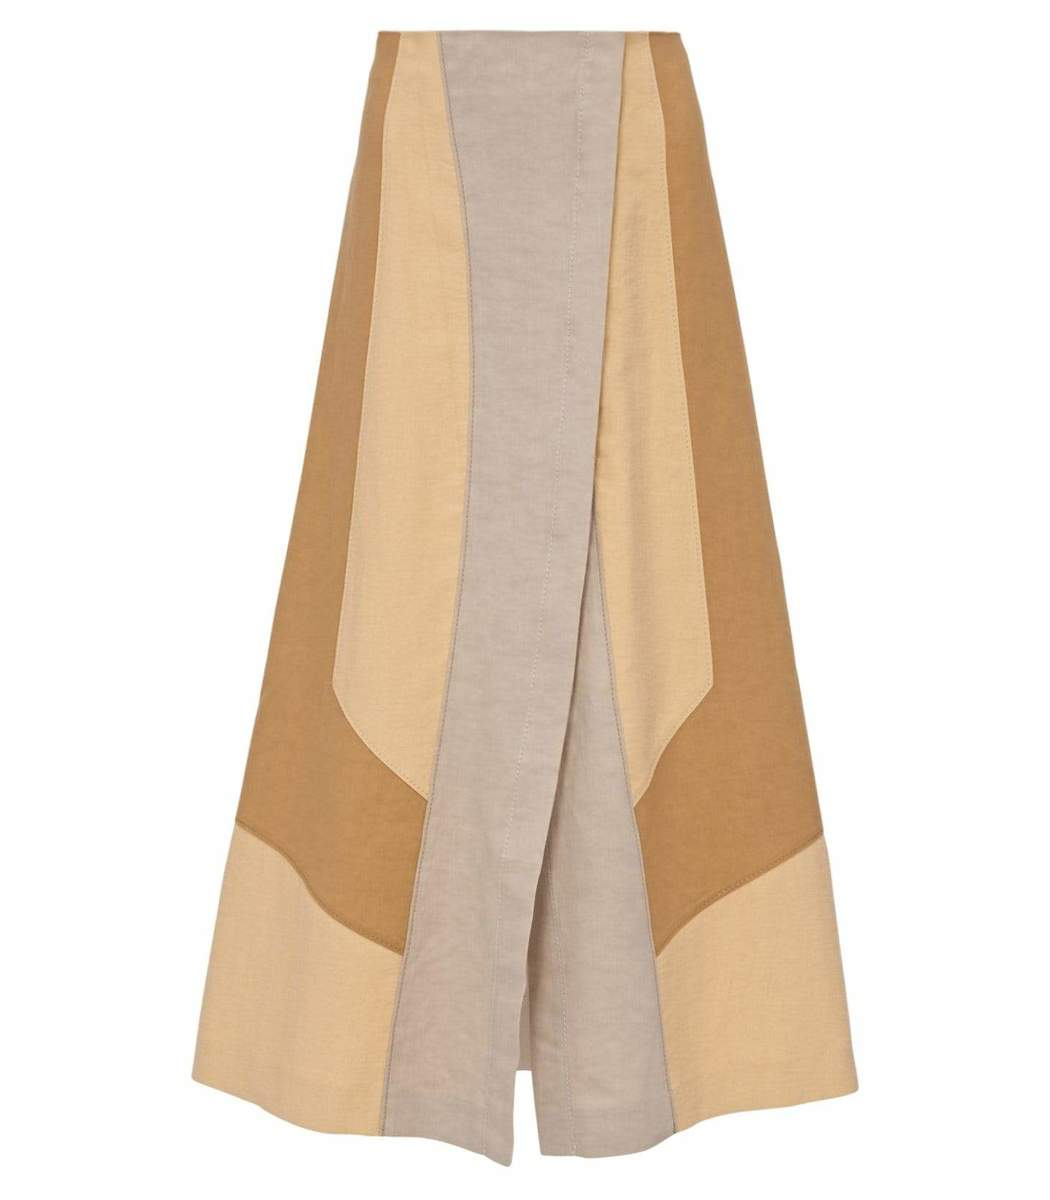 Dorothee Schumacher Summer Mix Skirt